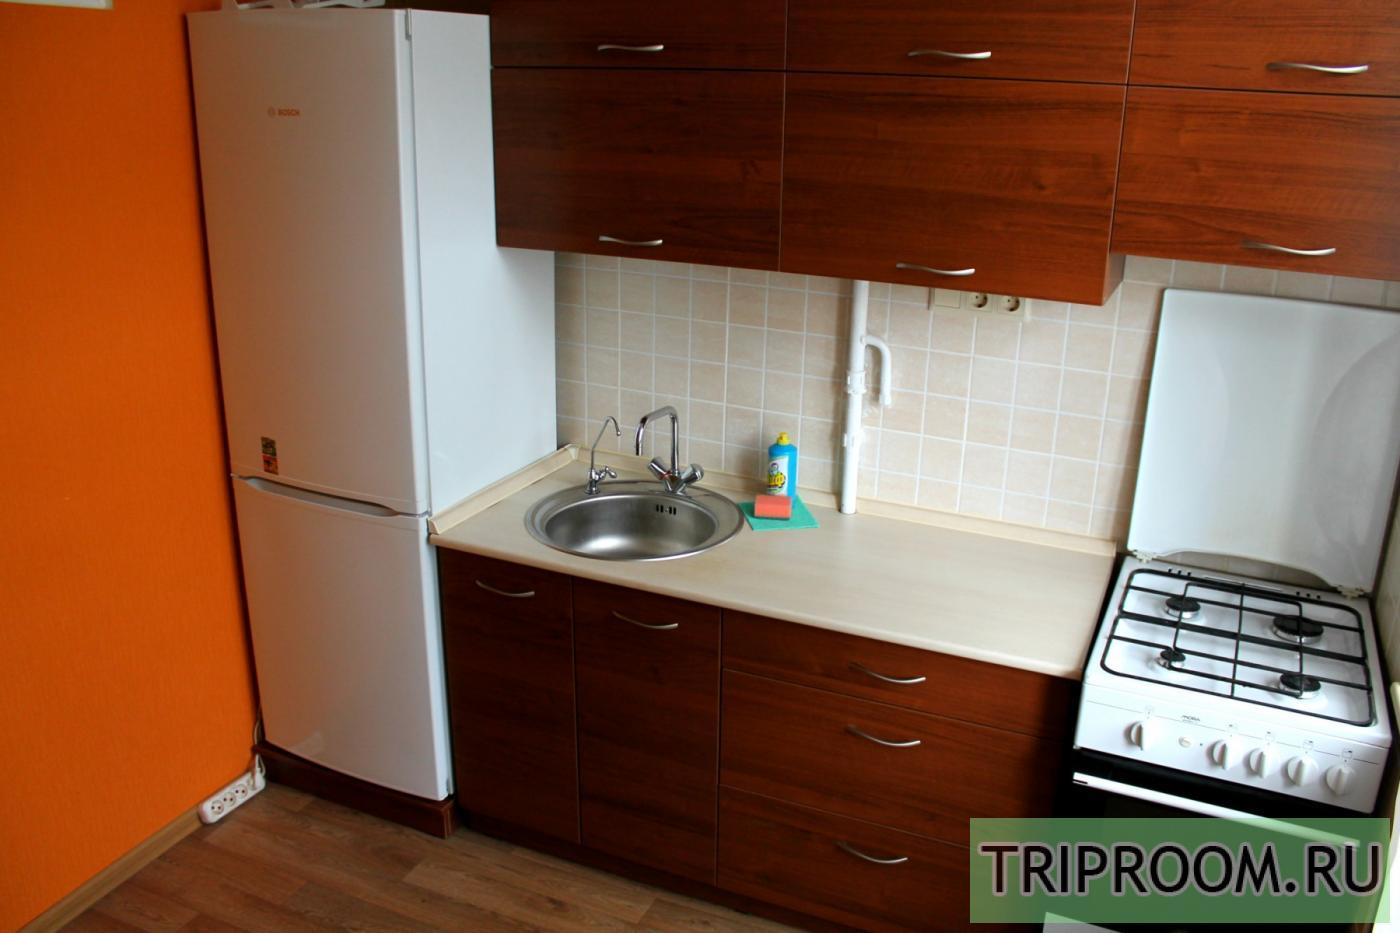 3-комнатная квартира посуточно (вариант № 20393), ул. Ленина проспект, фото № 9